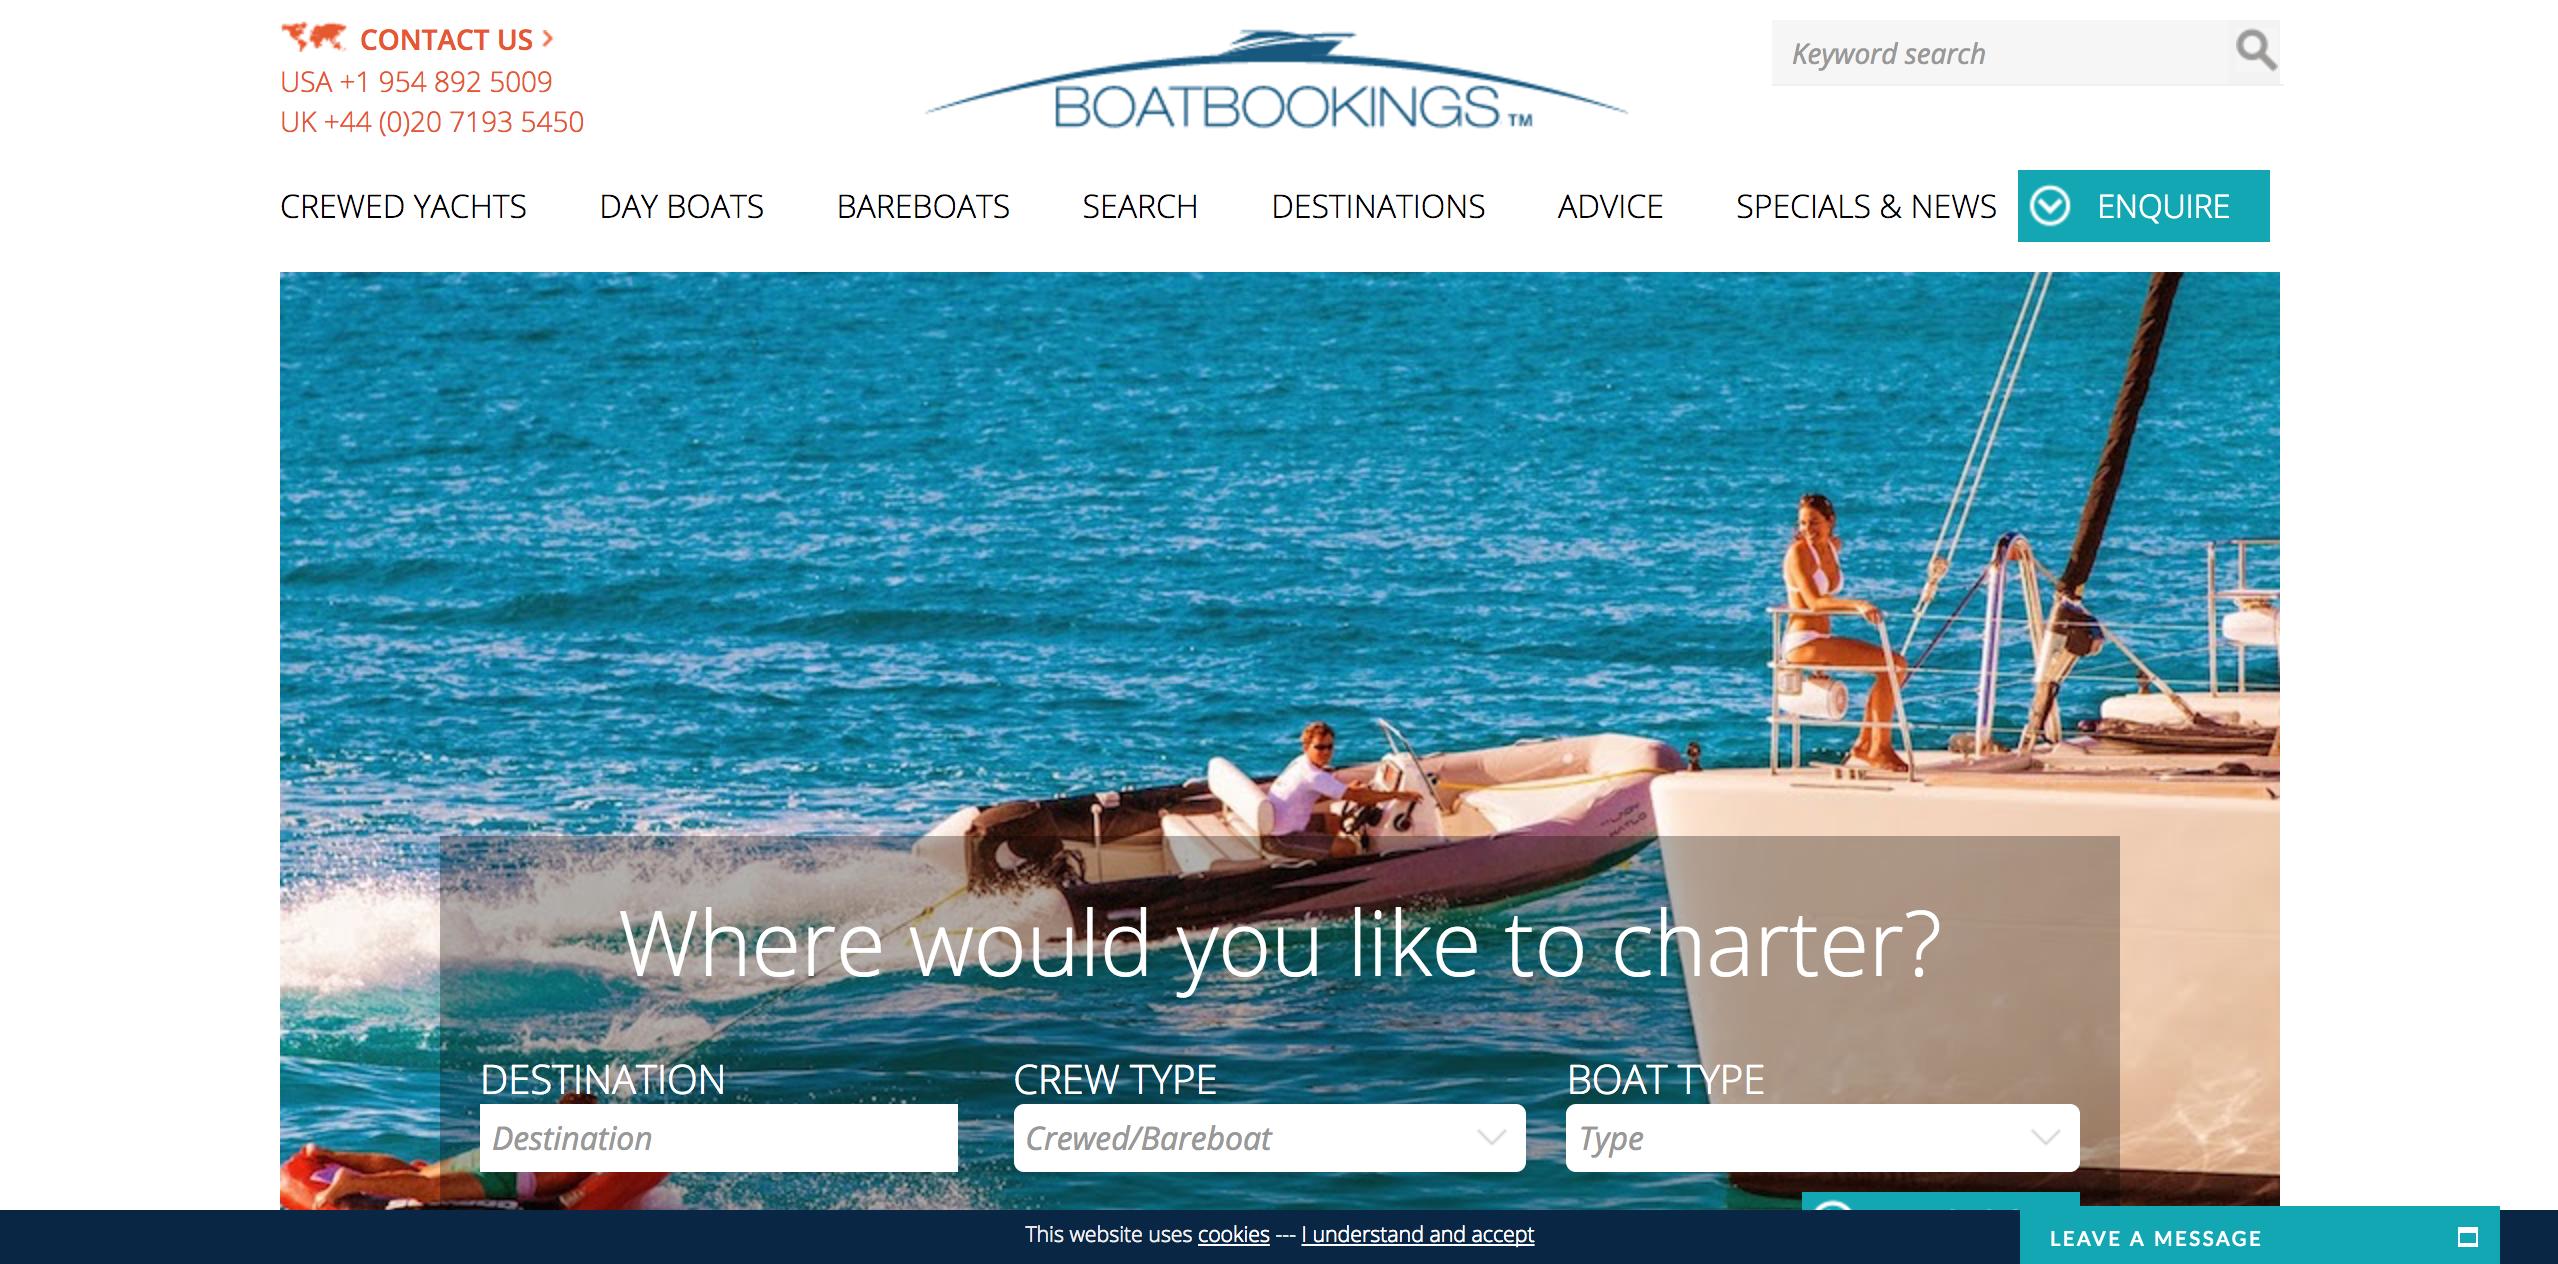 BoatBookings